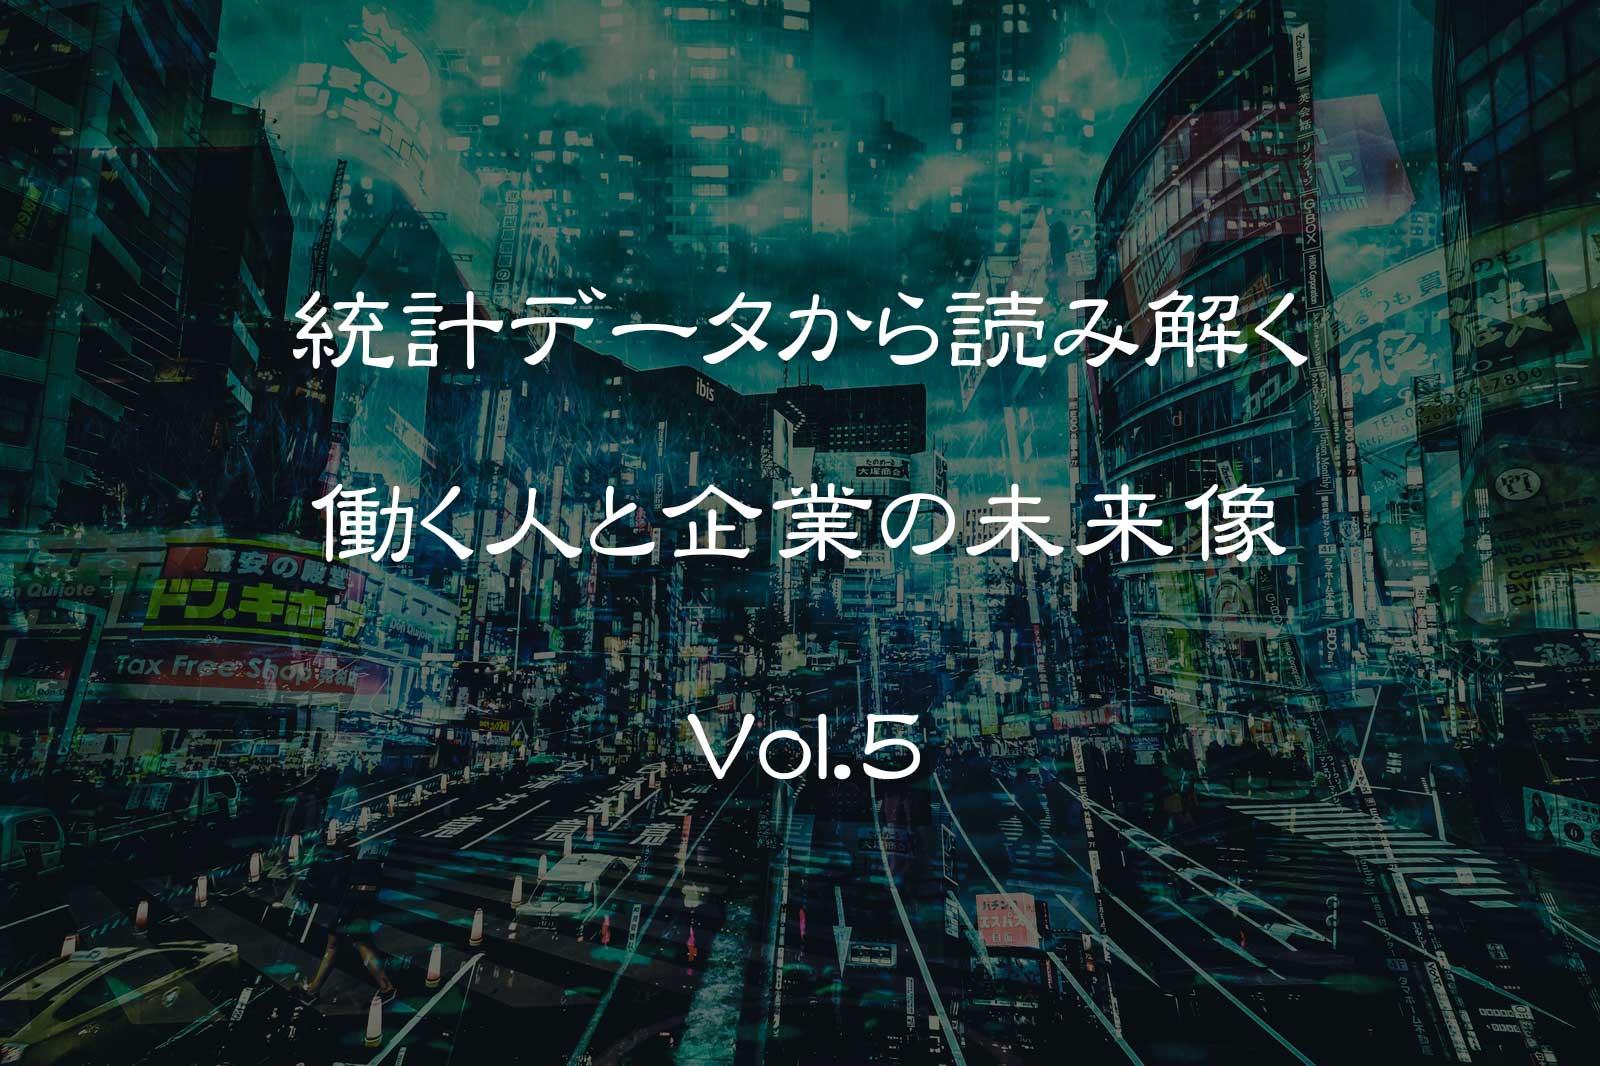 Vol5. 統計データから読み解く 働く人と企業の未来像